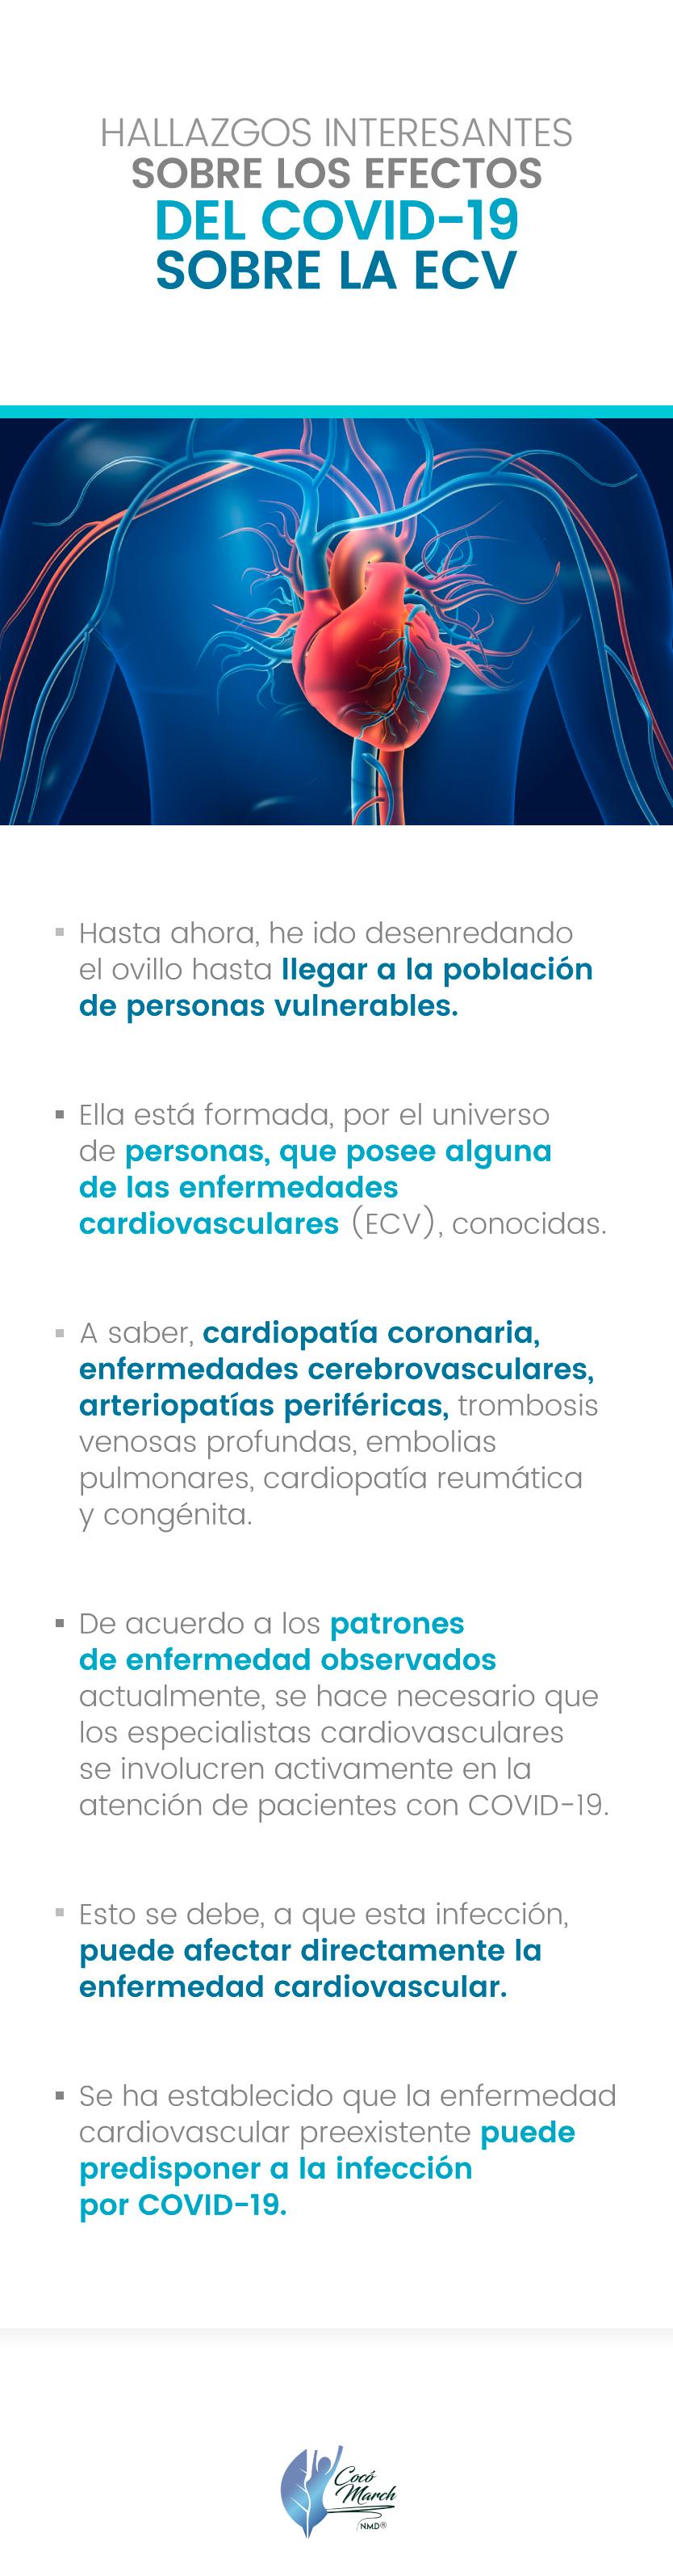 hallazgos-sobre-efectos-del-covid-19-sobre-enfermedades-cardiovasculares